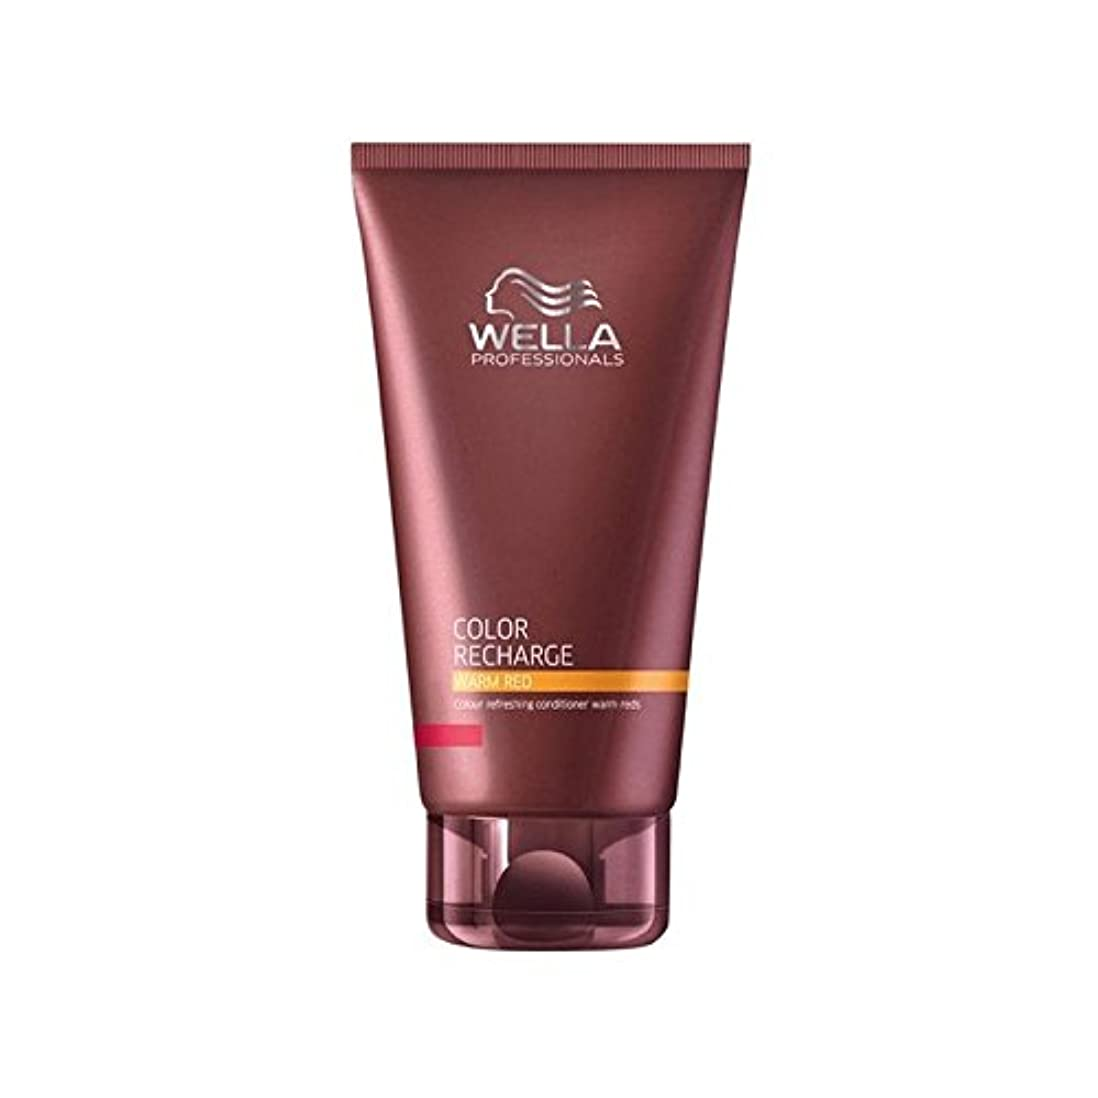 快適かりてタイトウエラ専門家のカラー再充電コンディショナー暖かい赤(200ミリリットル) x2 - Wella Professionals Color Recharge Conditioner Warm Red (200ml) (Pack of 2) [並行輸入品]